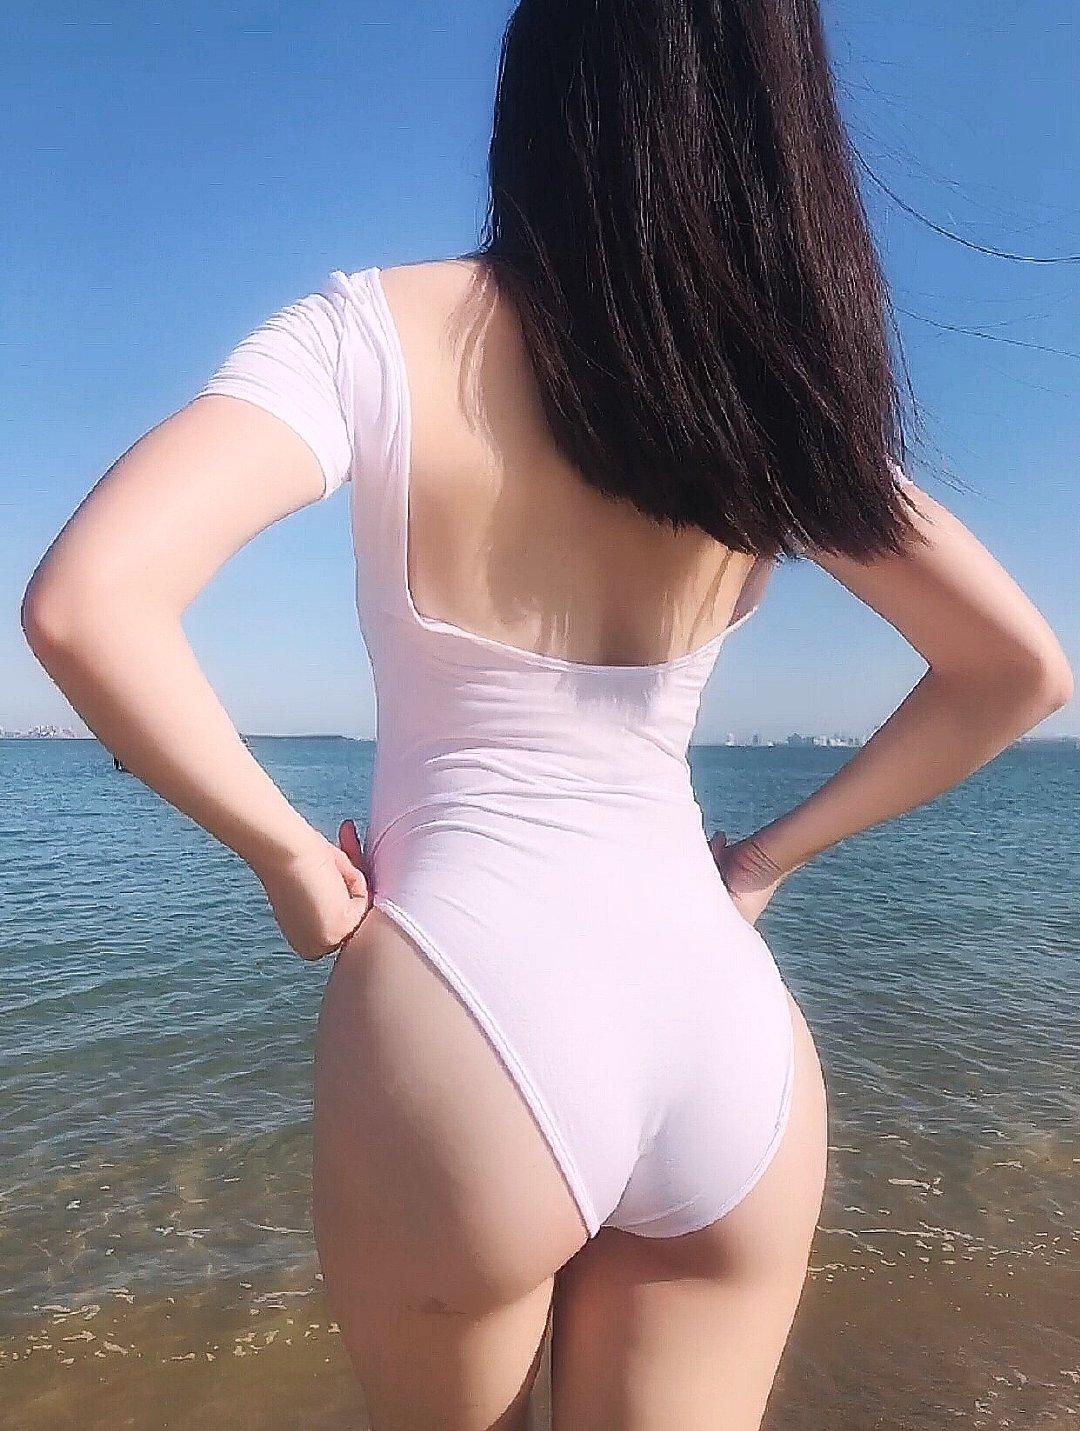 去海边吹风么 妹子